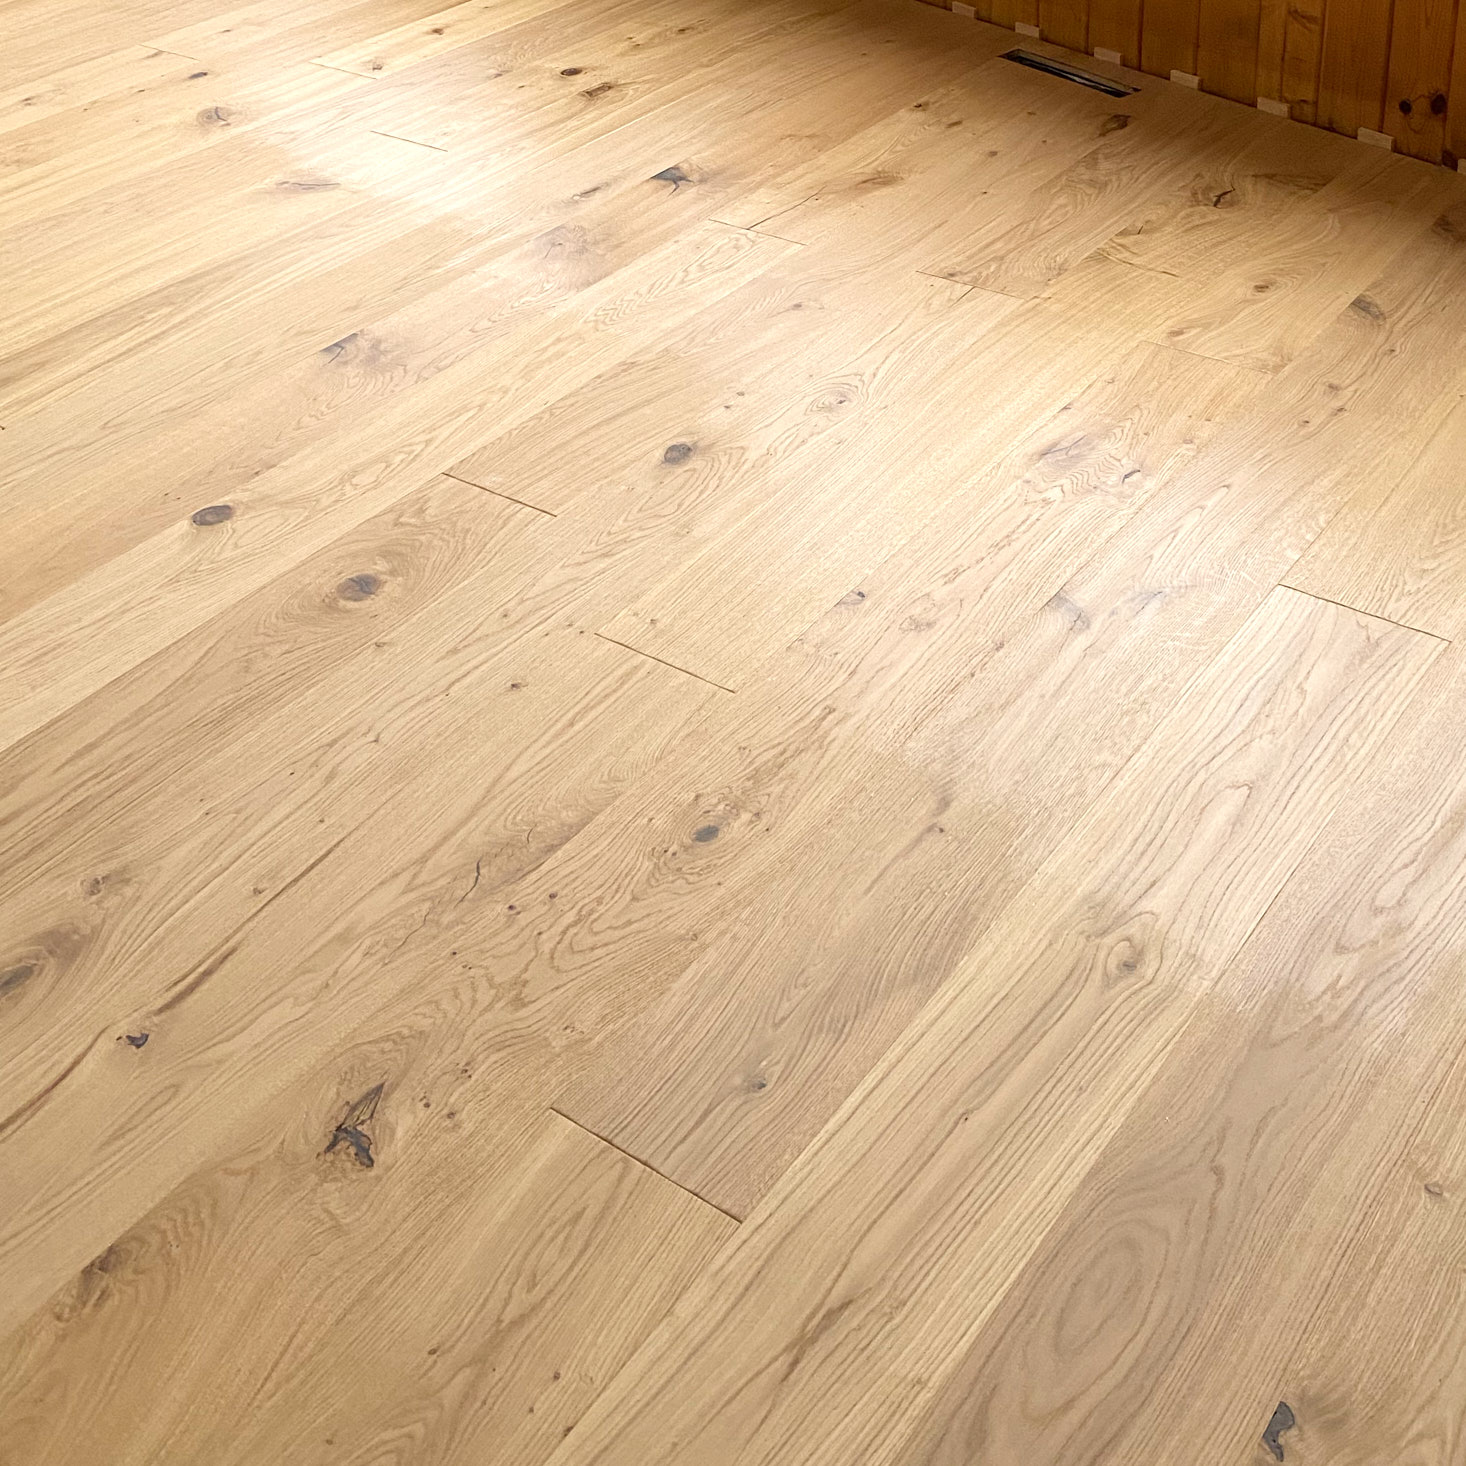 Floor oiling in process